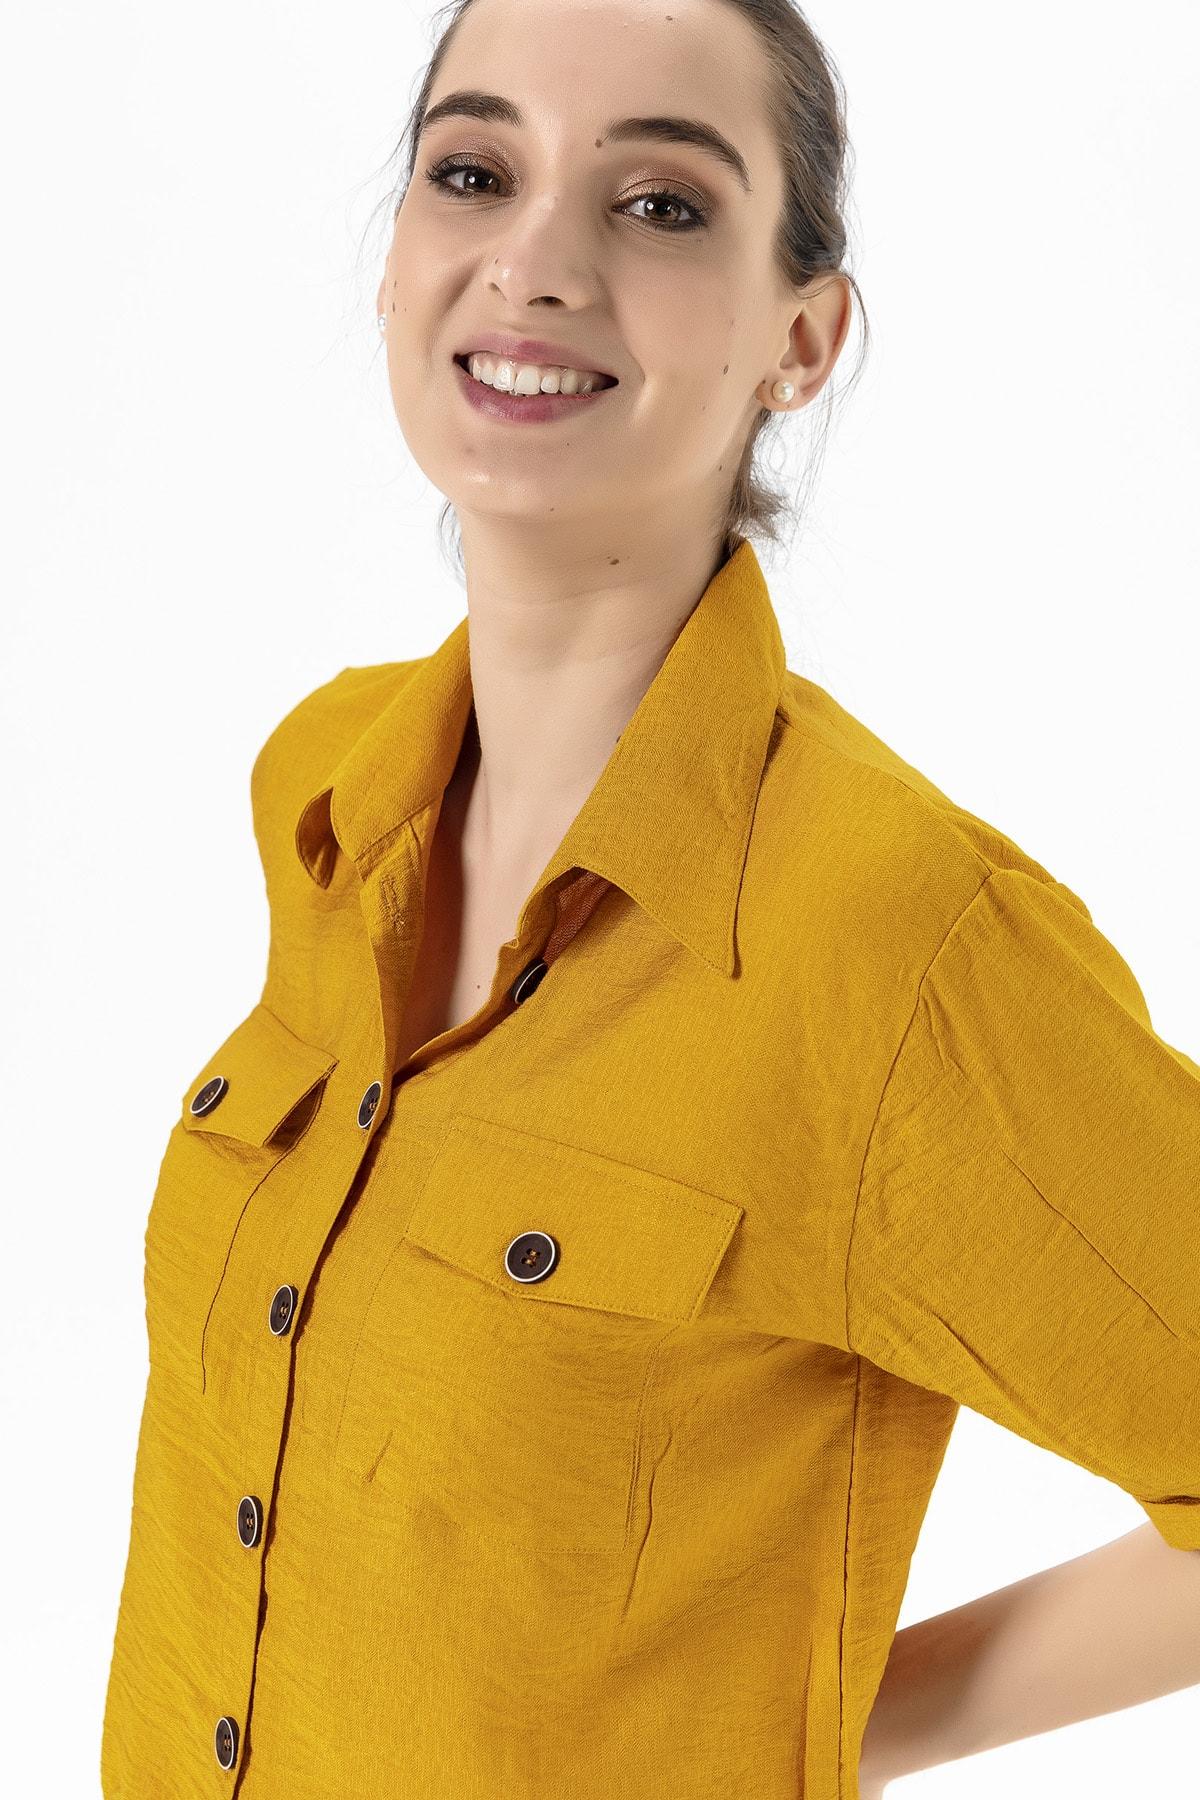 EMJEY Kadın Hardal Beli Bağcıklı Gömlek She020Y010002 2